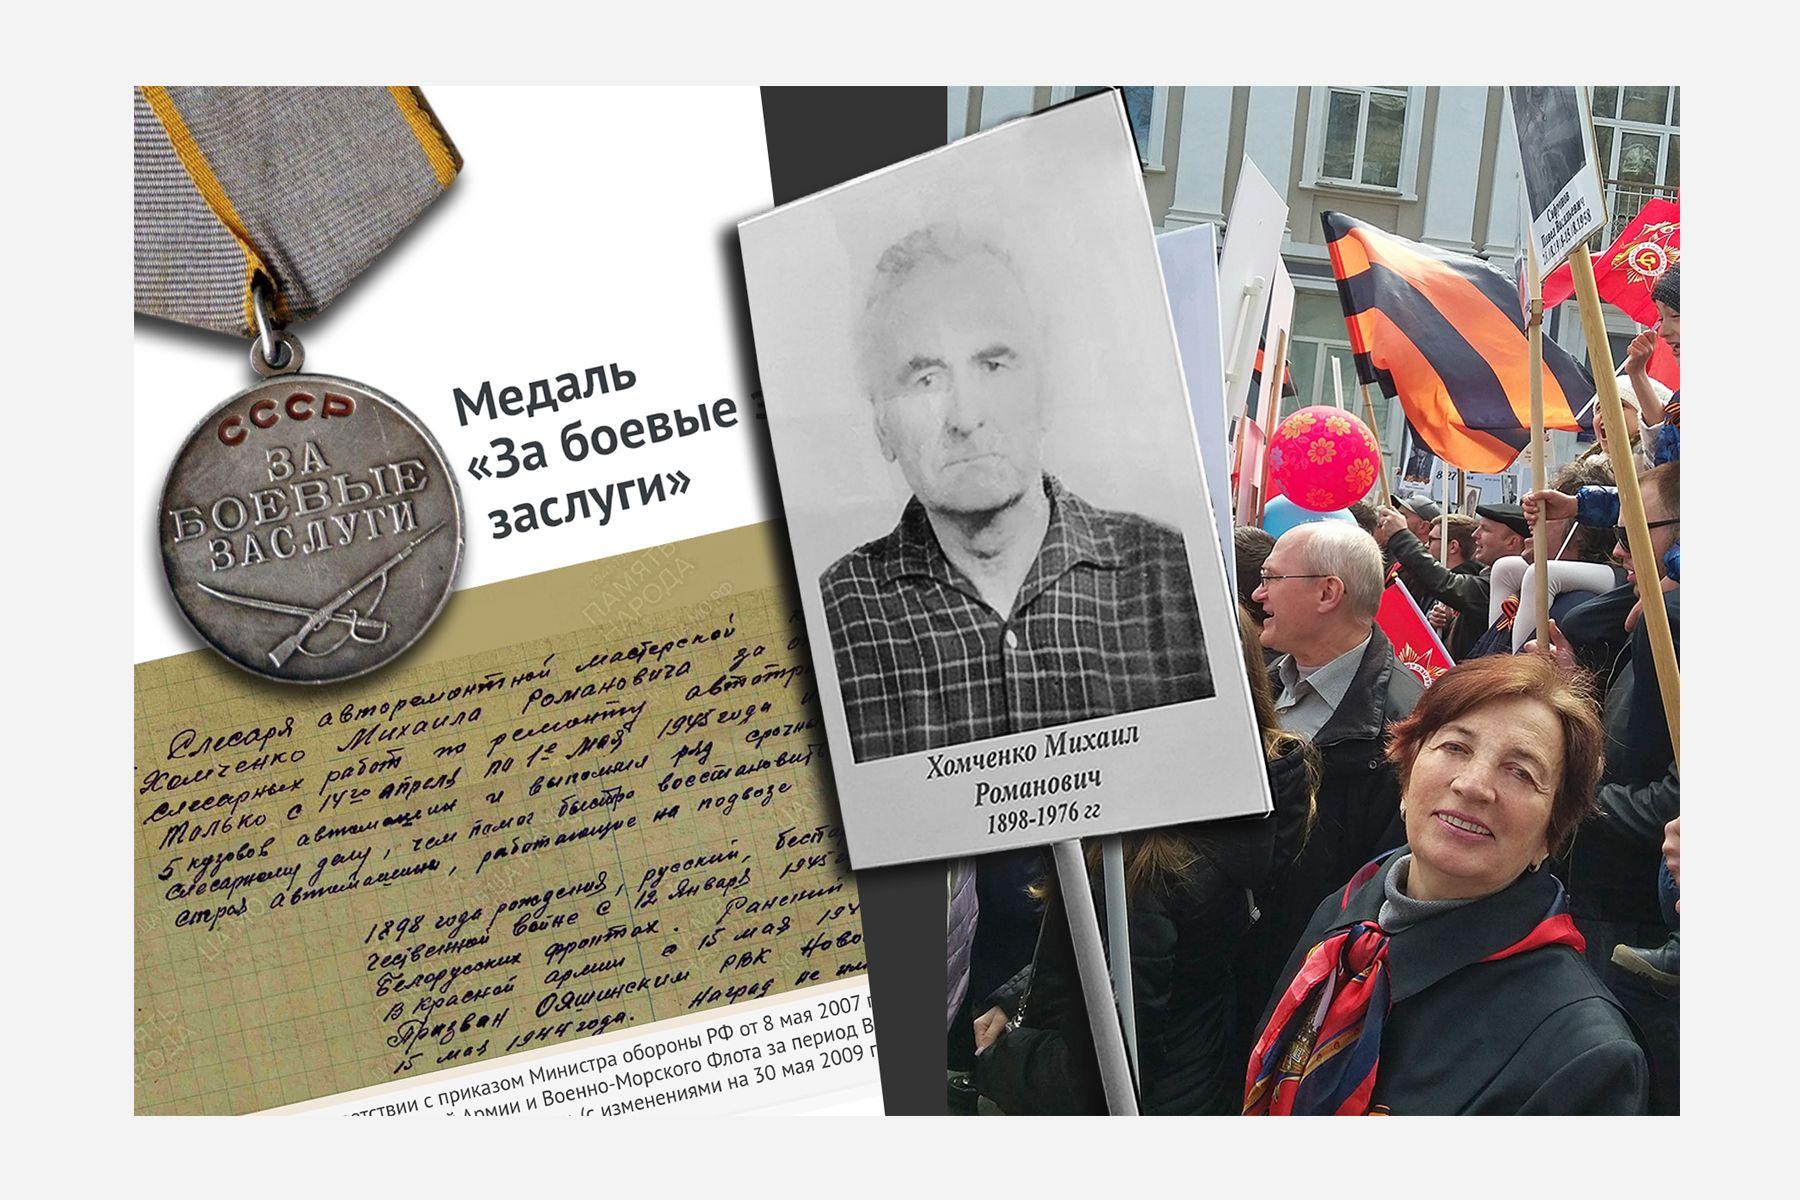 75 лет Победы: Хомченко Михаил Романович